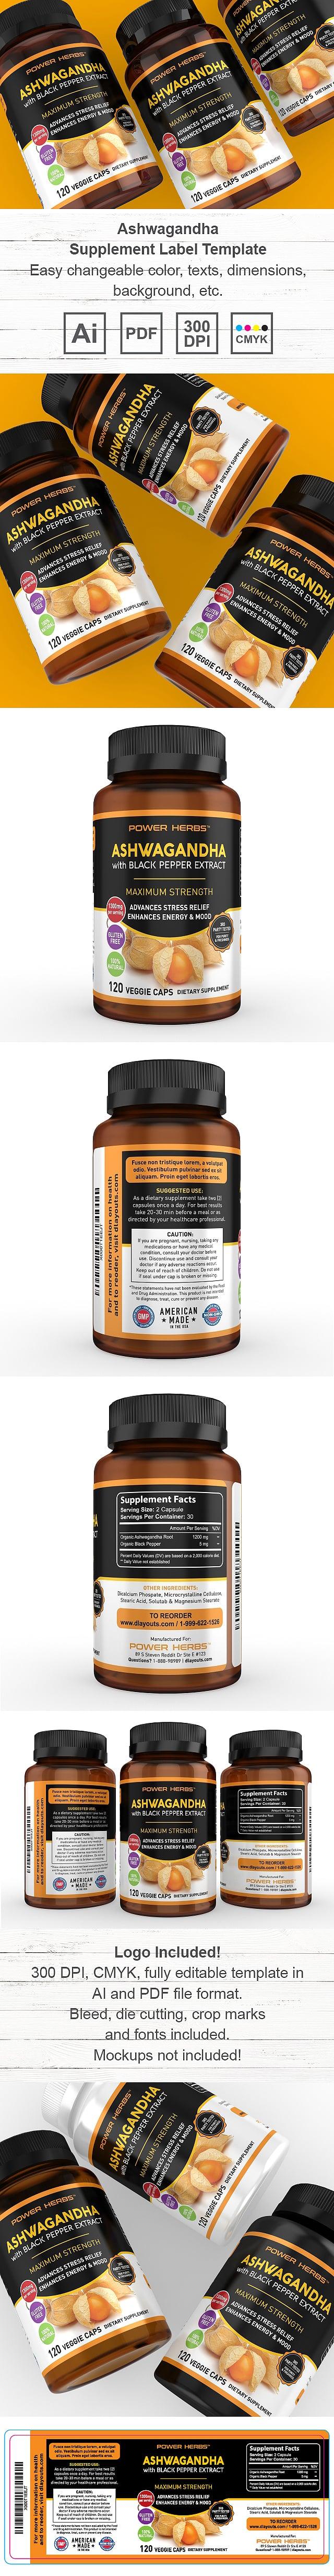 Premium Ashwagandha Supplement Label Template